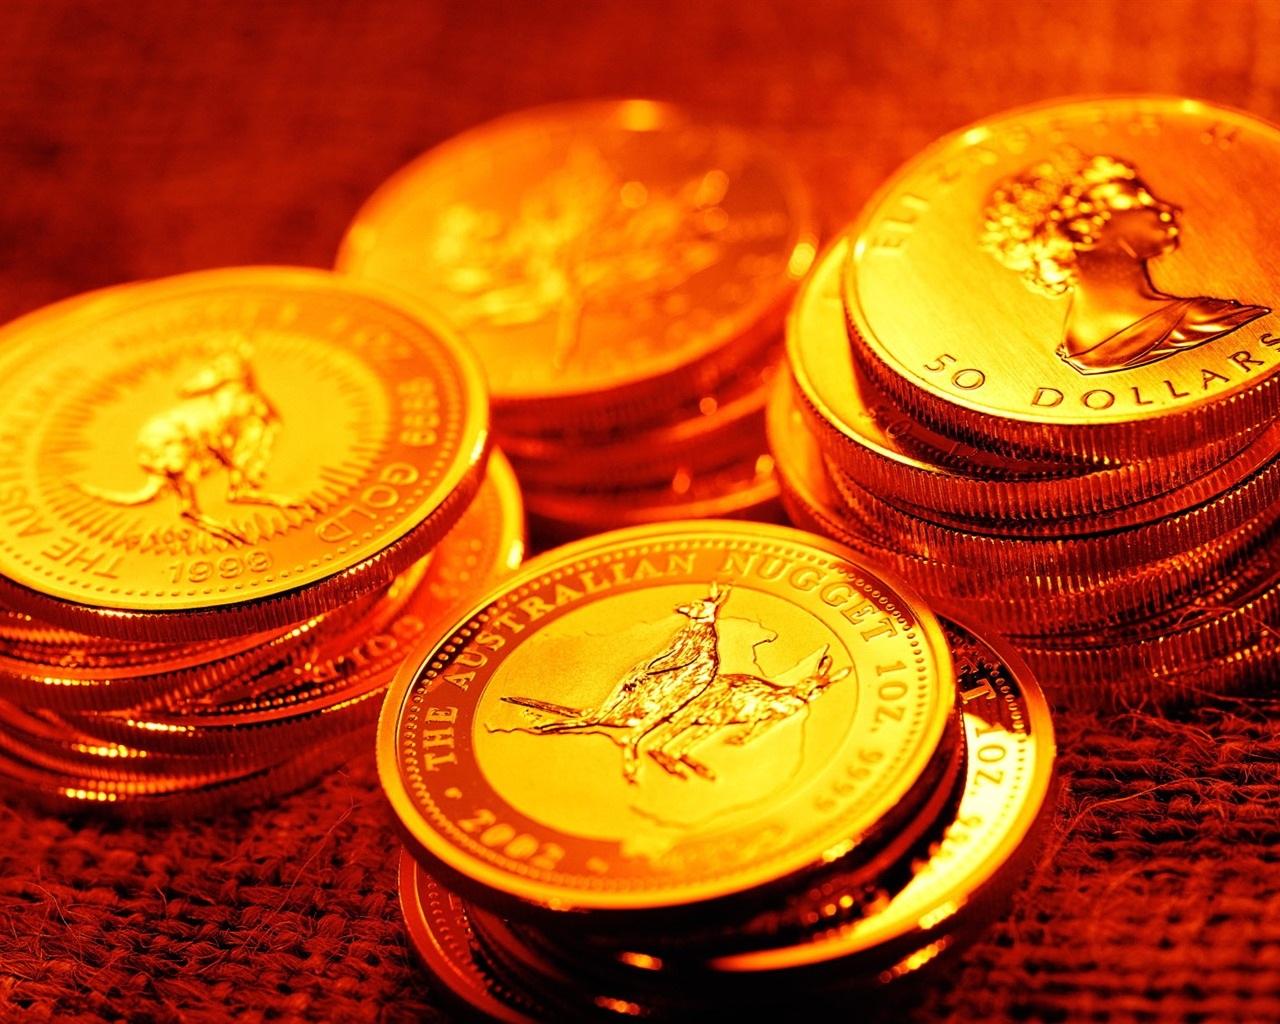 giá vàng hôm nay ngày 29/9: 'Rơi' xuống mức đáy nhiều tuần qua